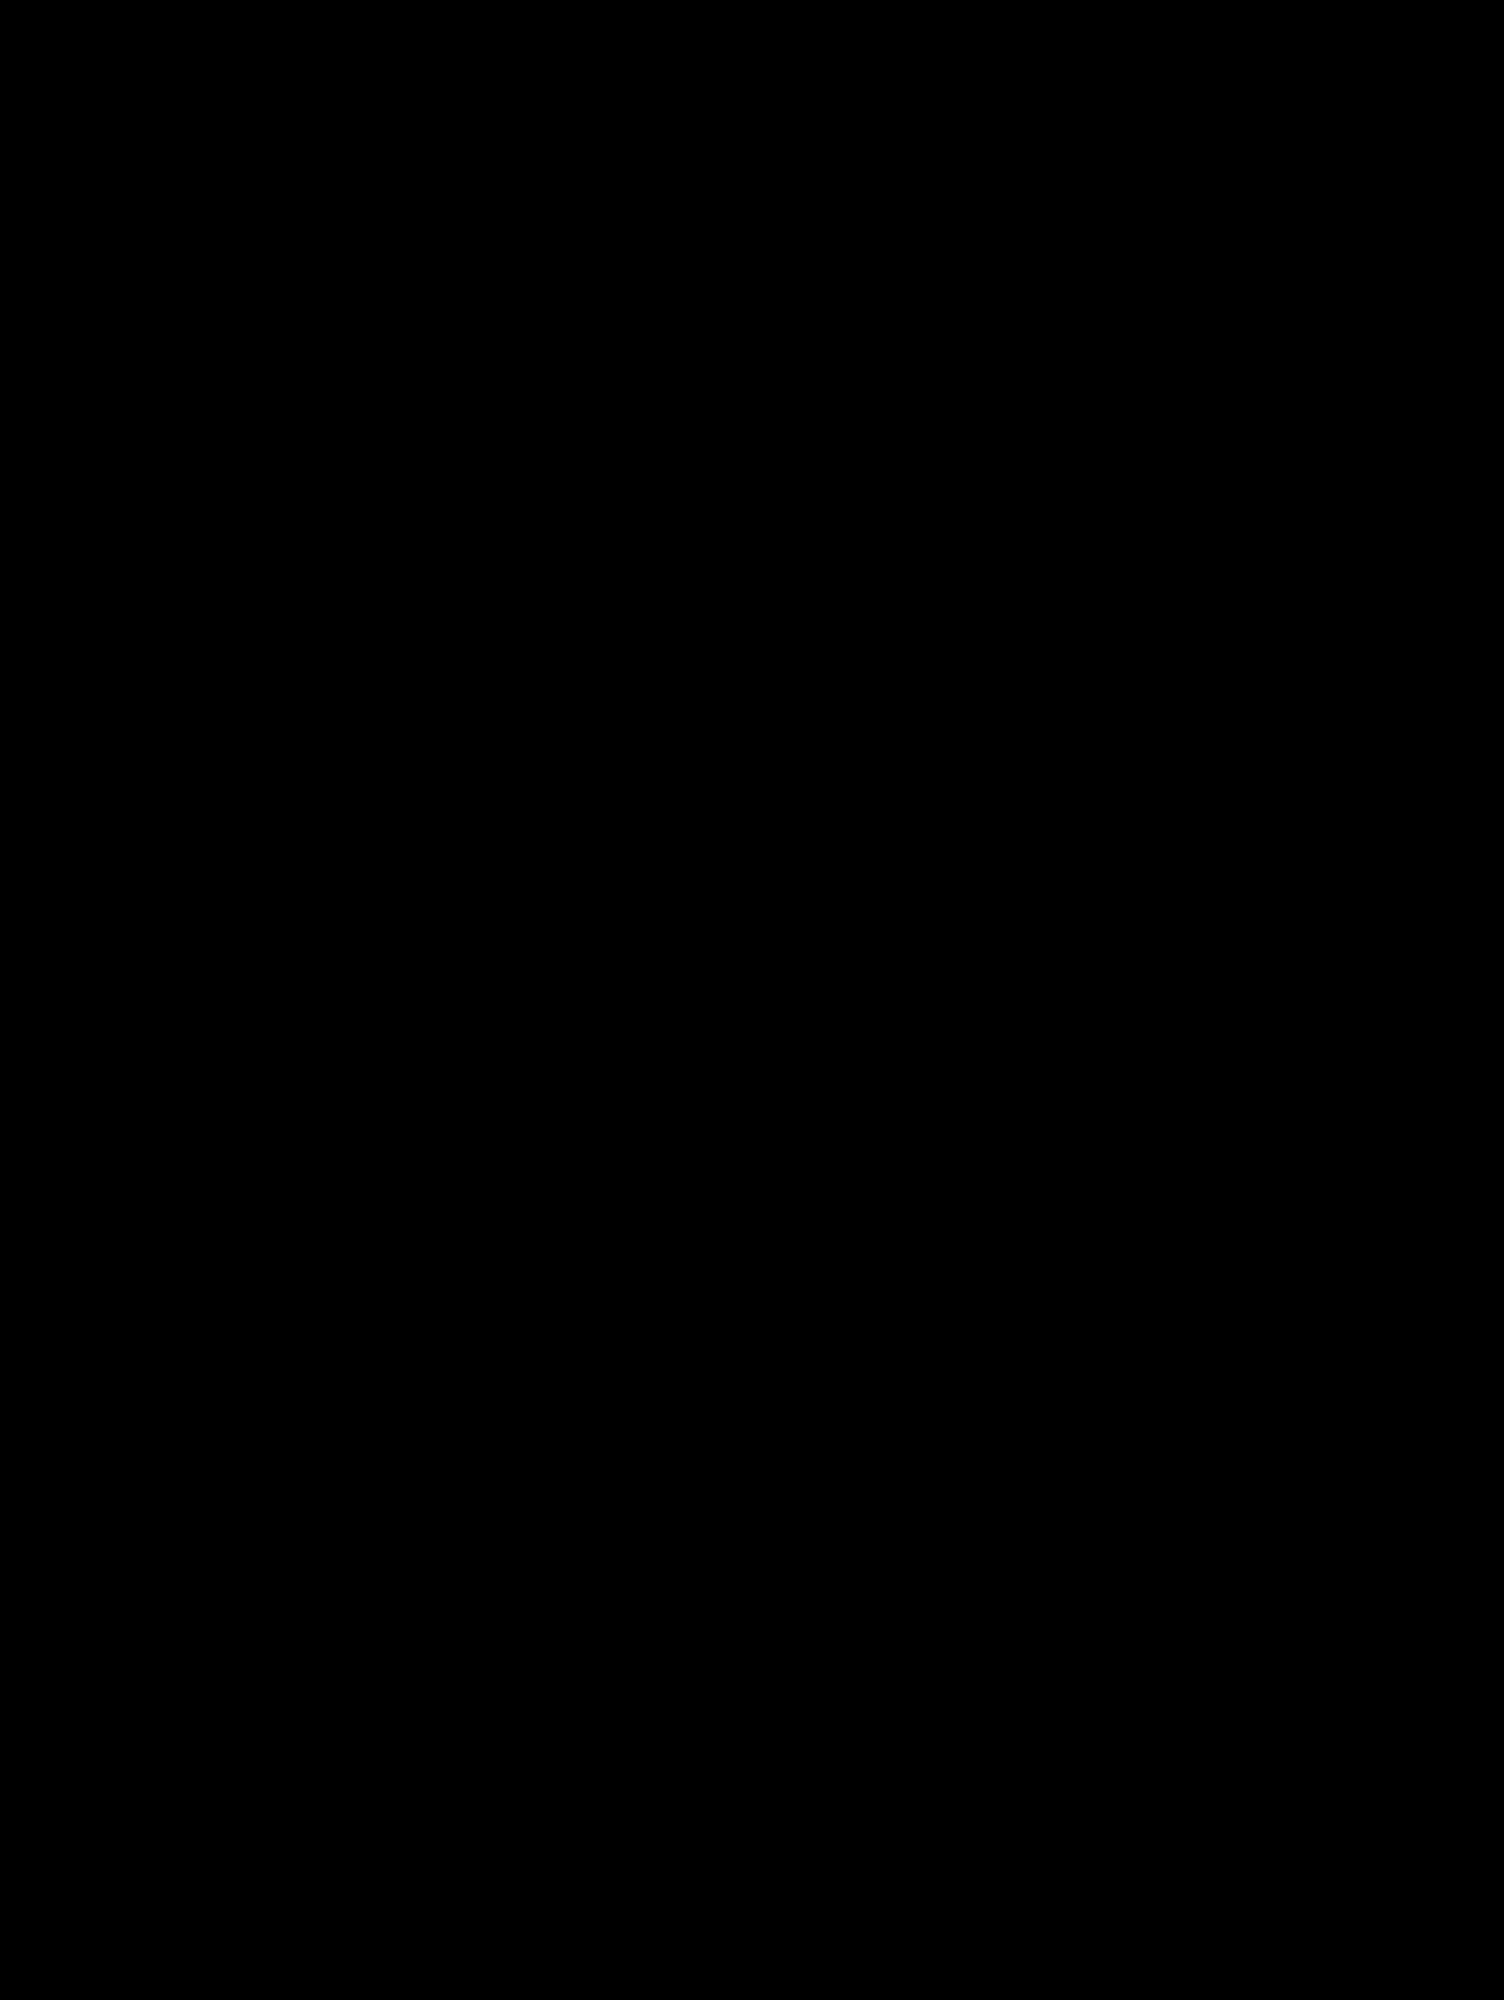 Unknown-5.JPG